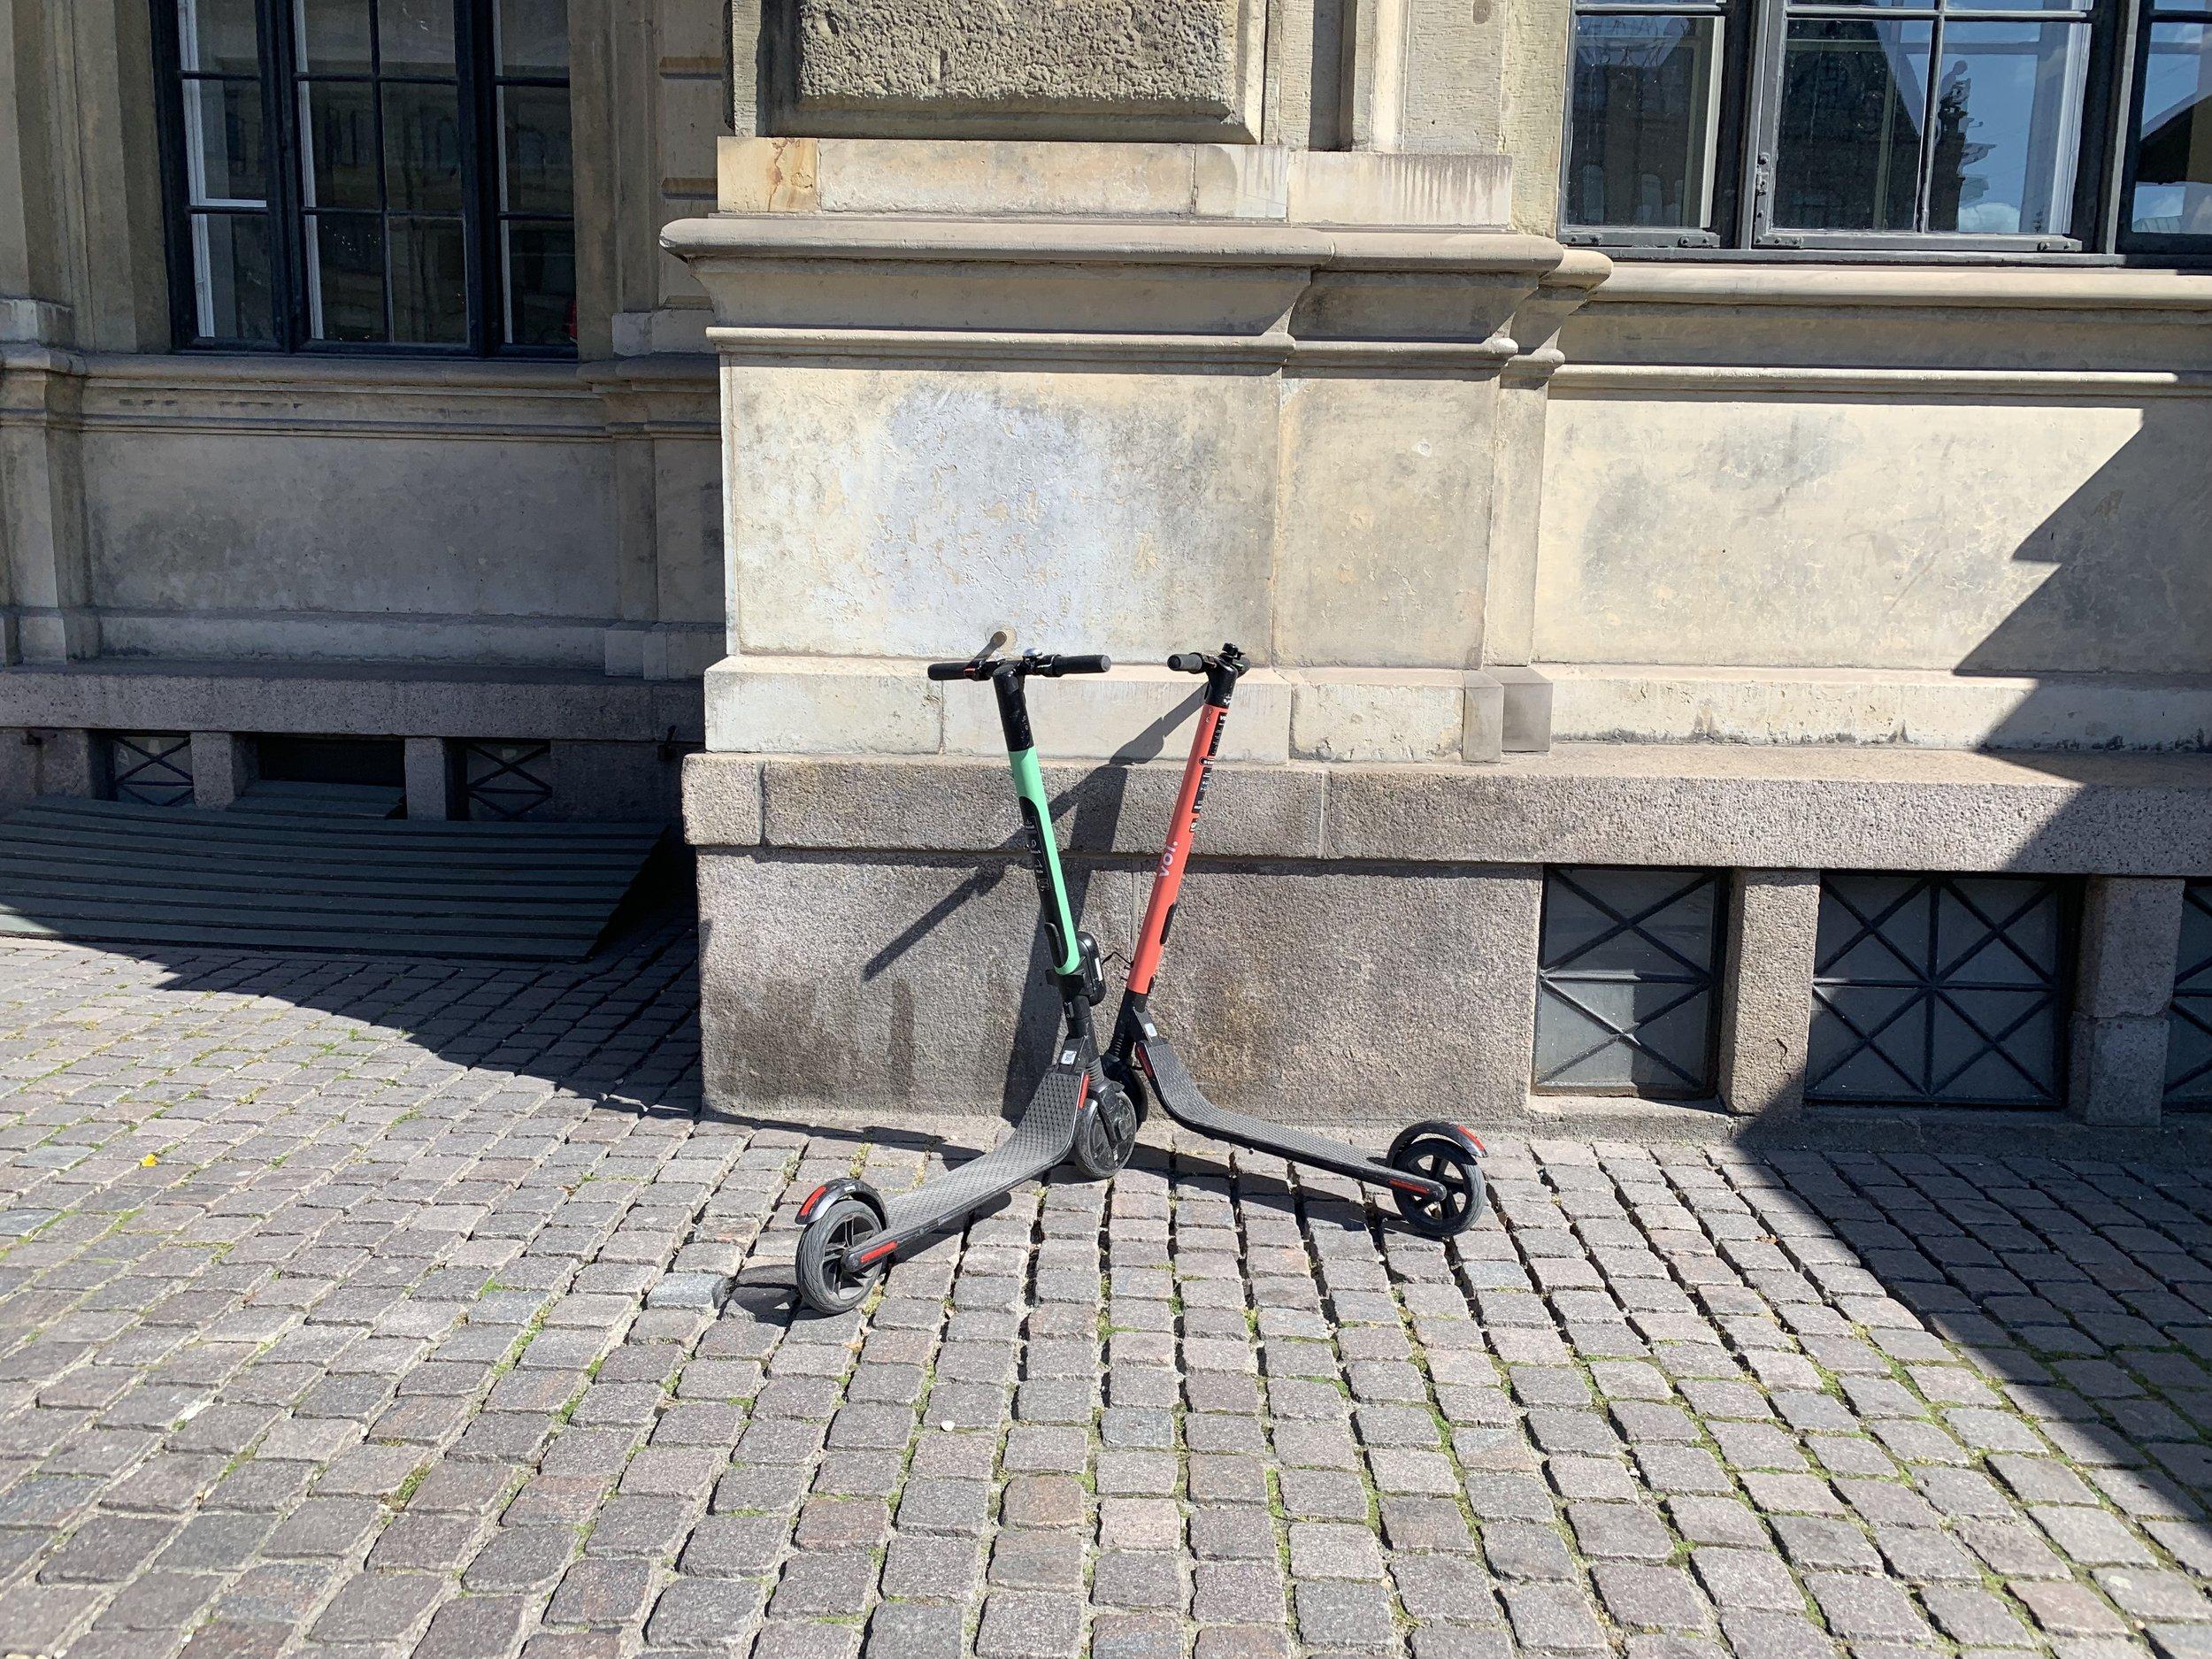 El-sparkesyklene står overalt i mange byer. Både i Oslo, og som her, i København. Foto: Odd Roar Lange